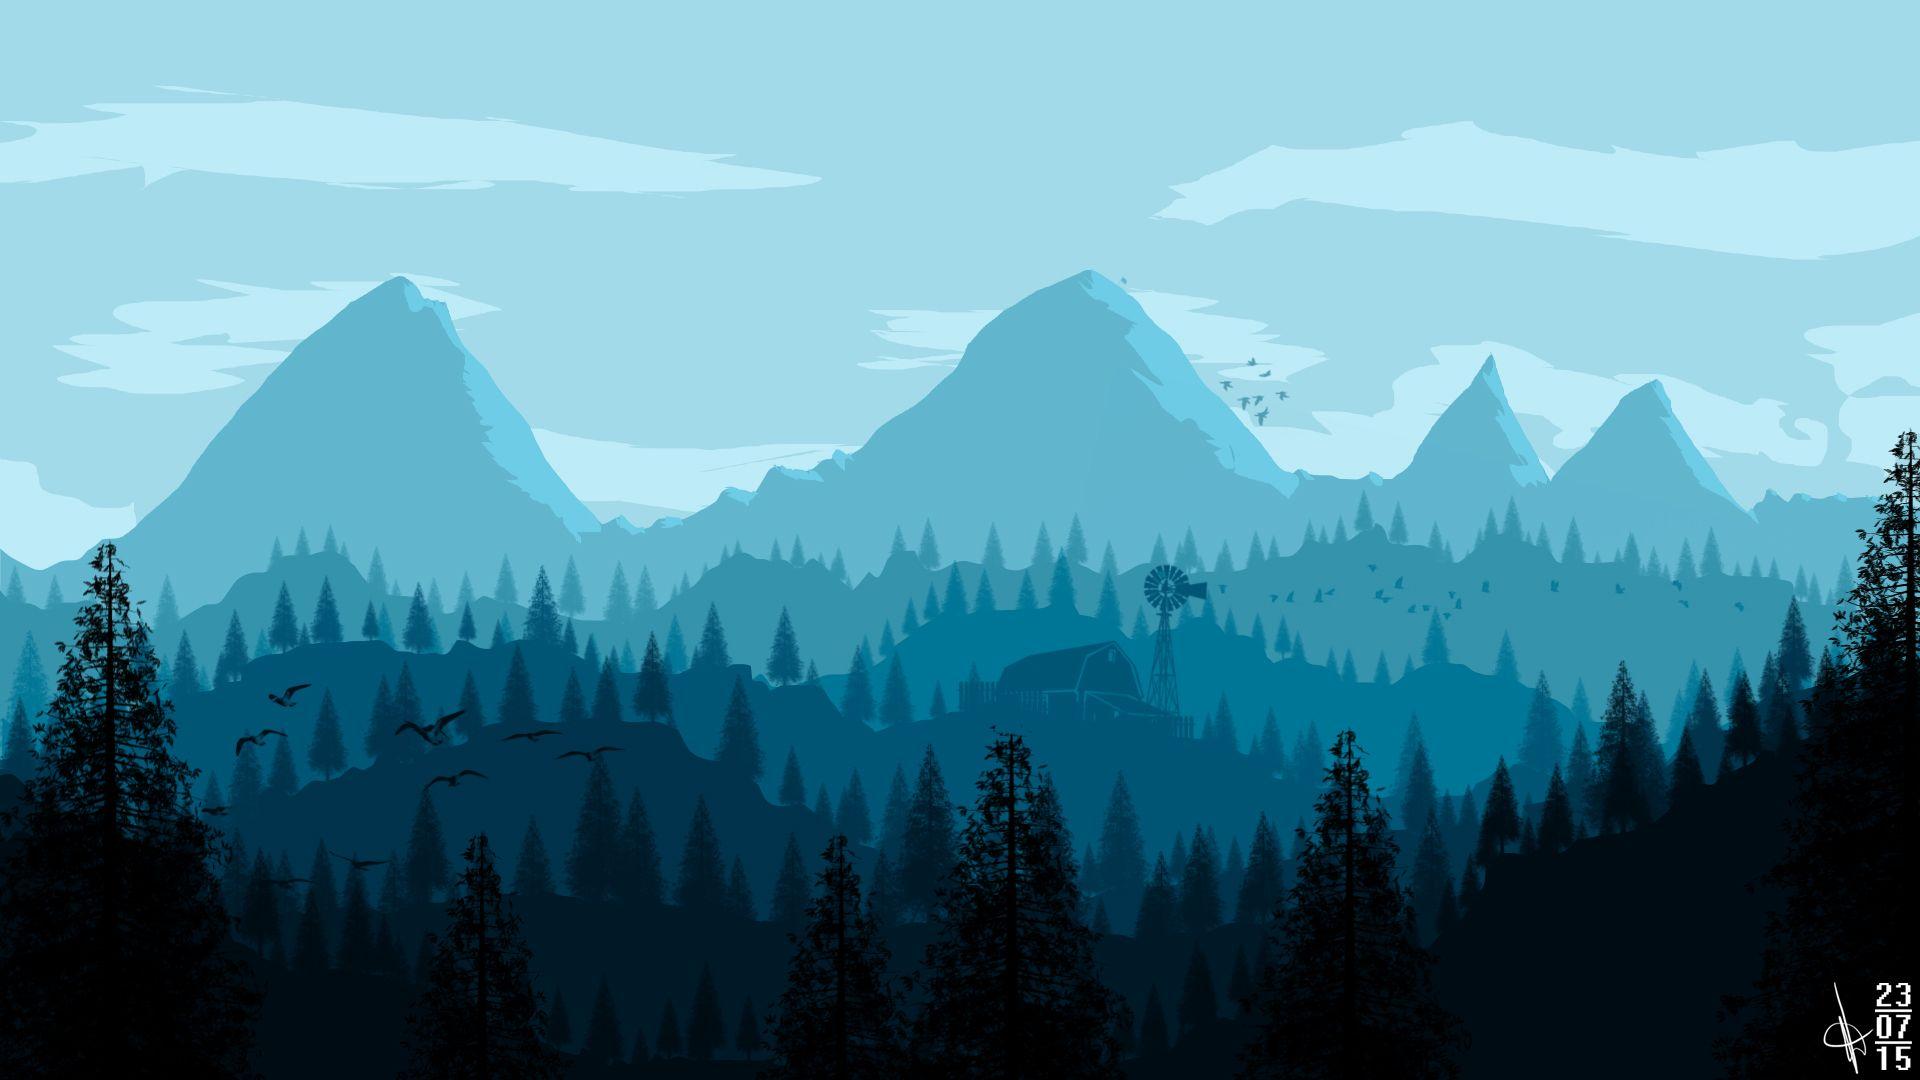 Mountain Vector Wallpaper Hd